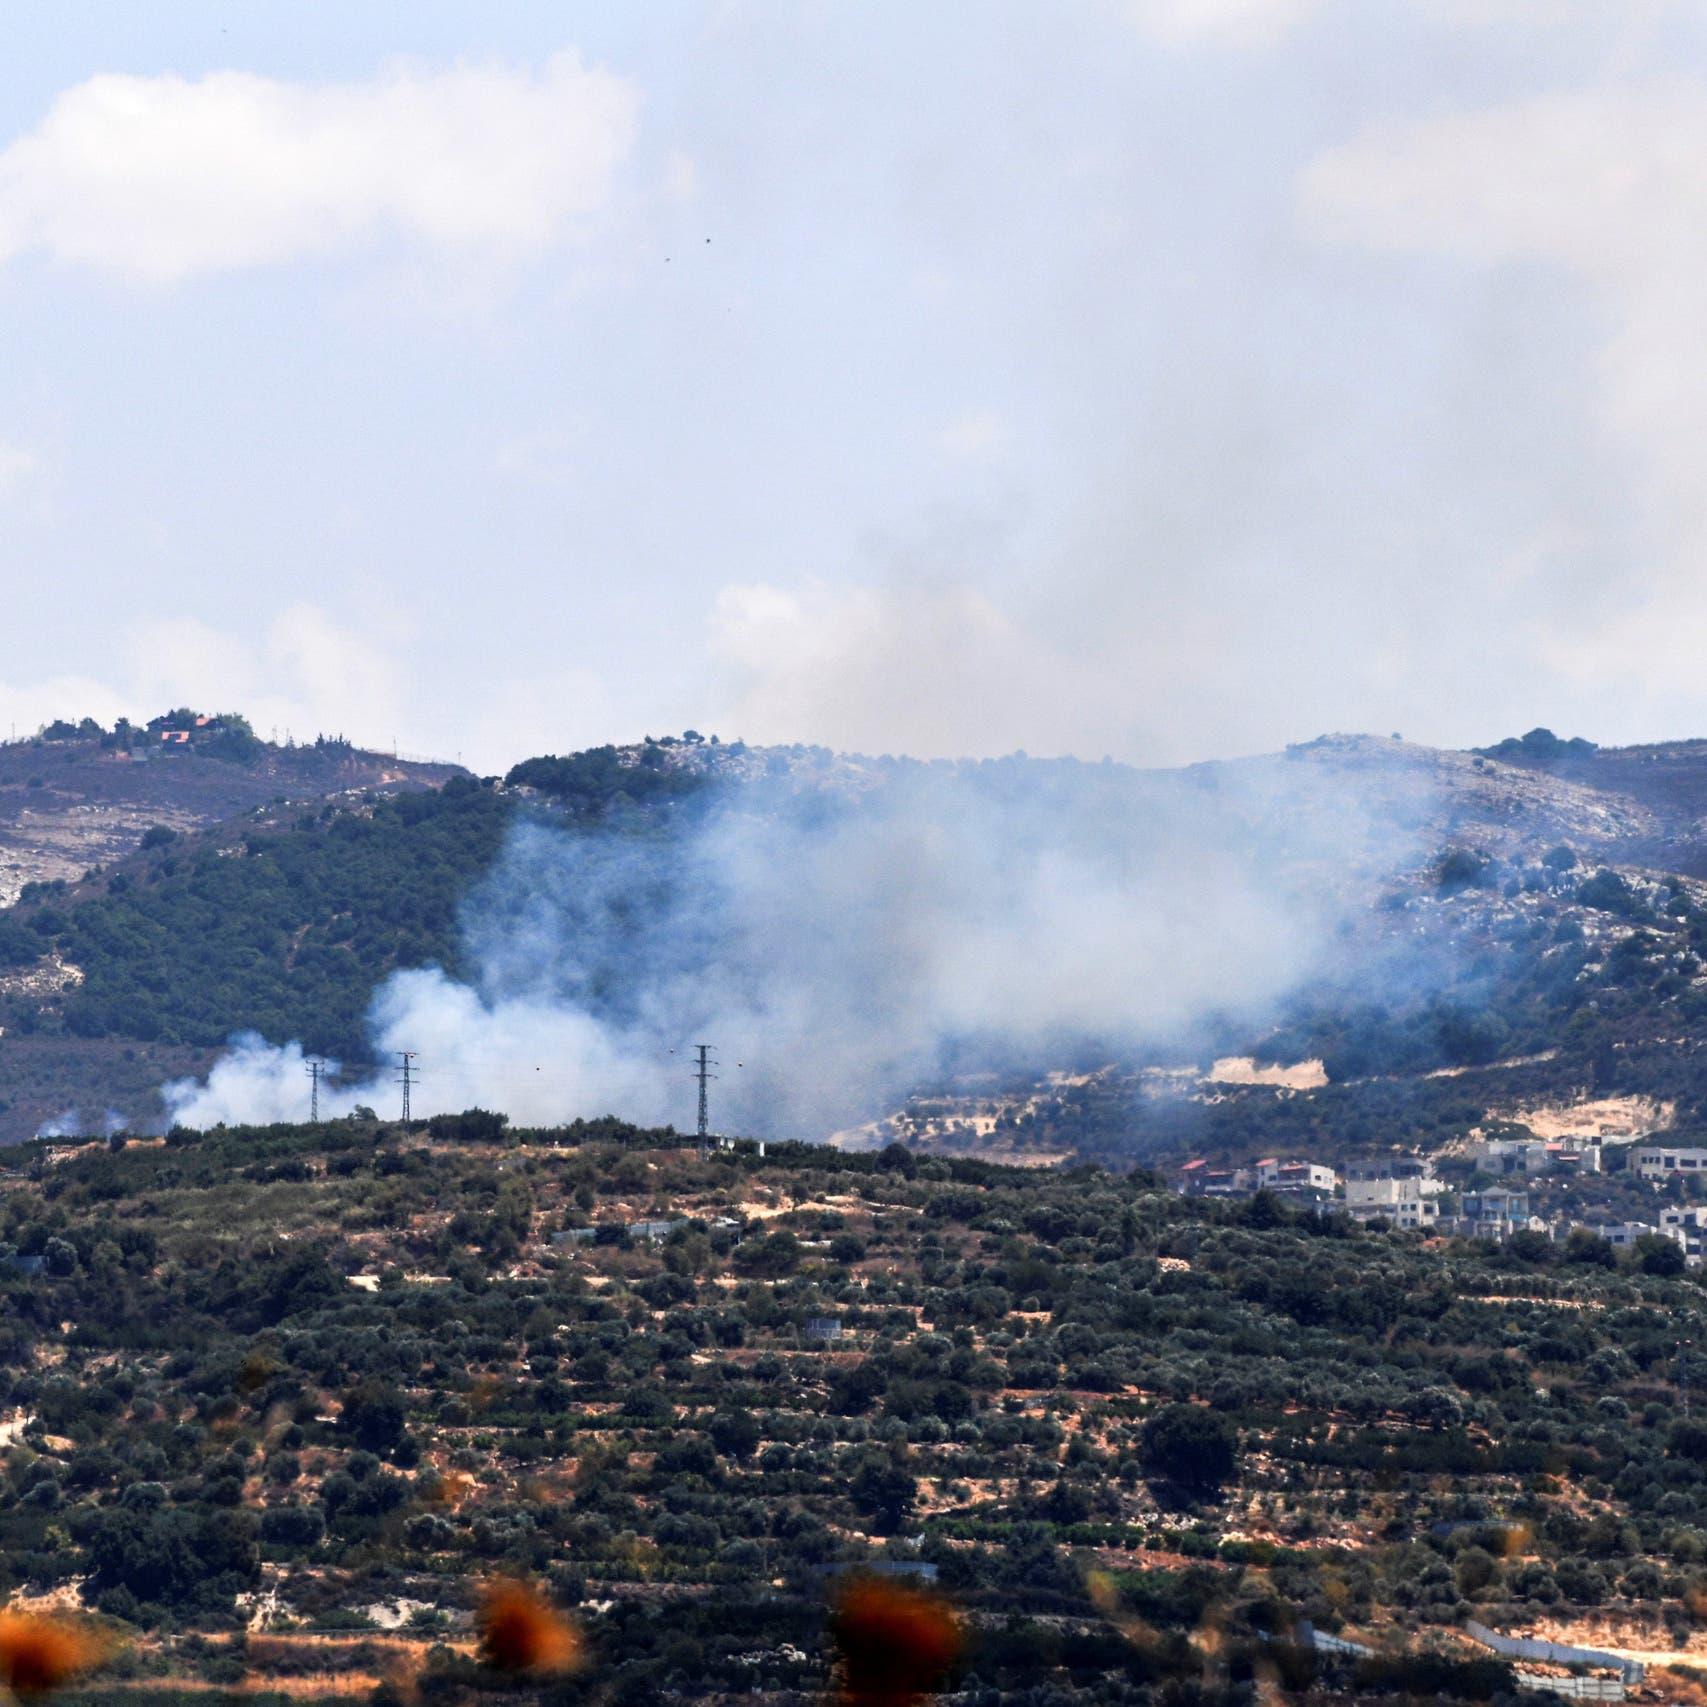 بعد إيقافهم.. إطلاق سراح مطلقي الصواريخ من لبنان على إسرائيل